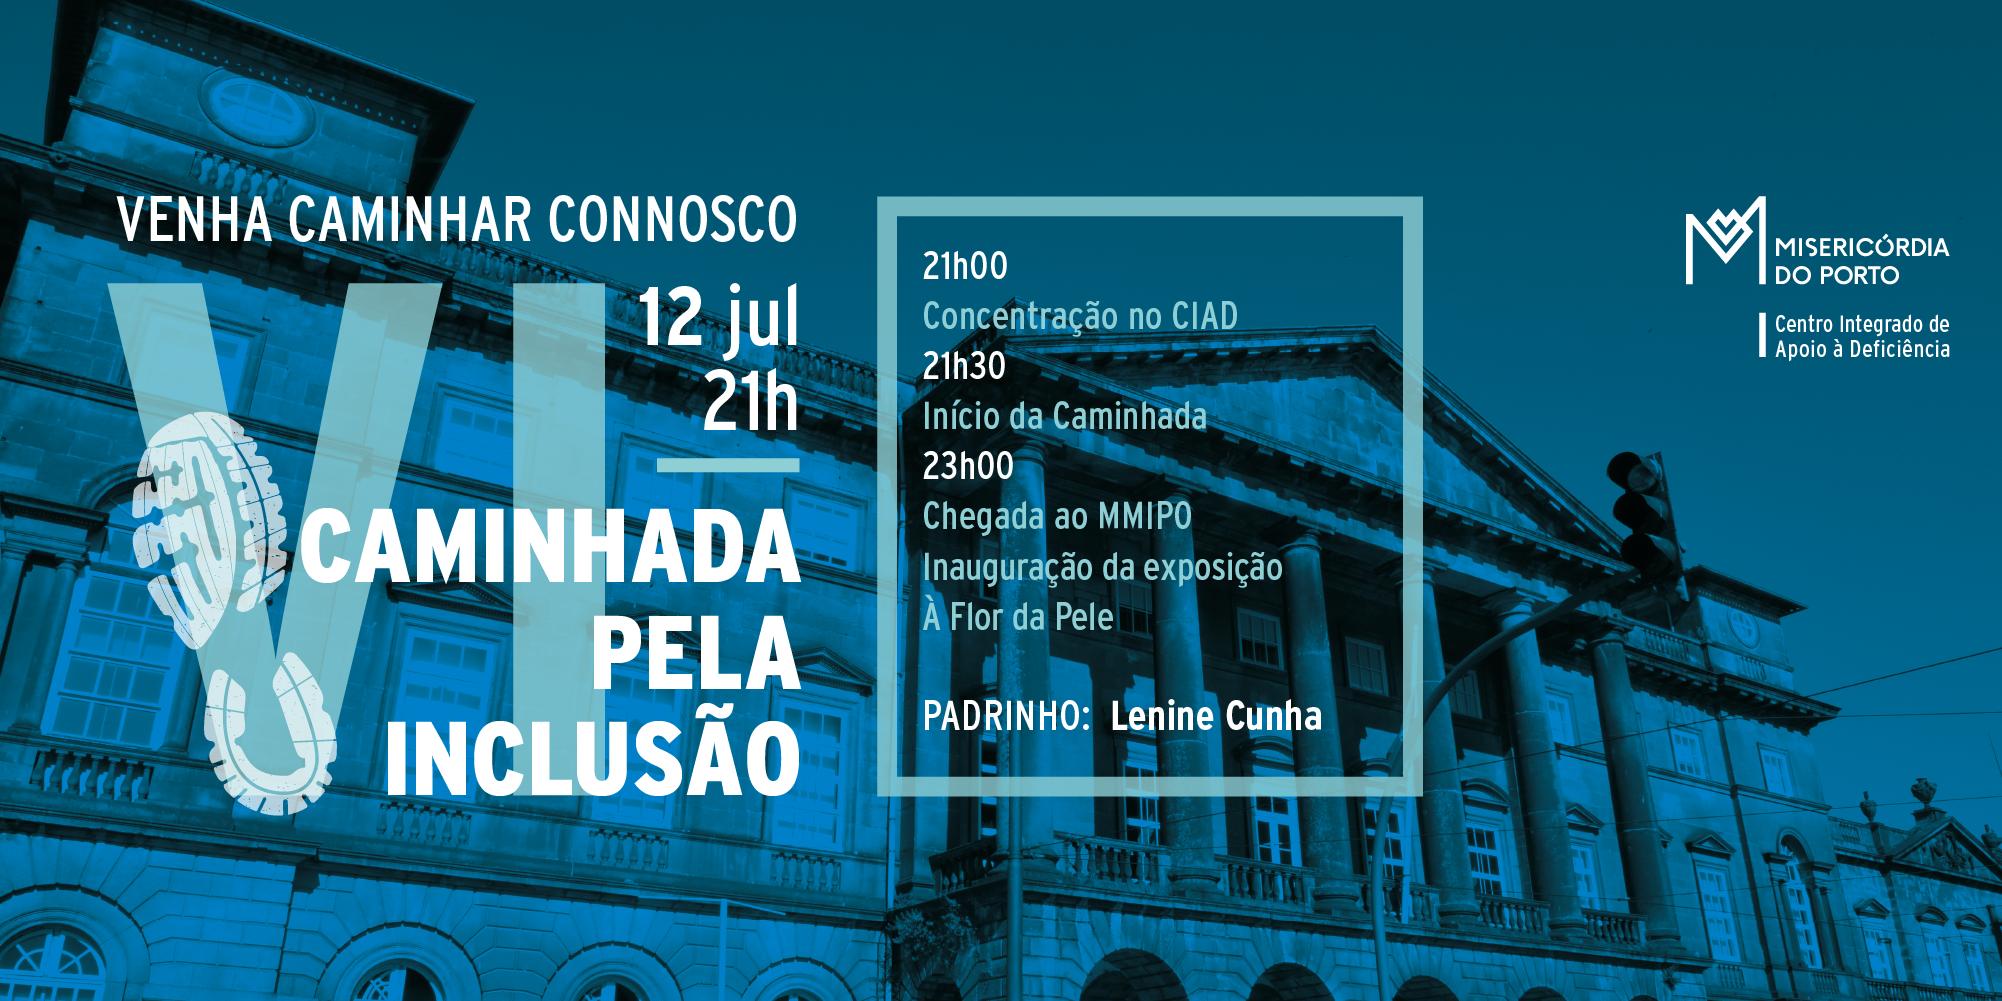 https://www.scmp.pt/assets/misc/img/2019/slideshow/2019%2007%2012%20Caminhada%20Pela%20Inclus%C3%A3o/MP_caminha_pela_inclusao__banner%20site.png